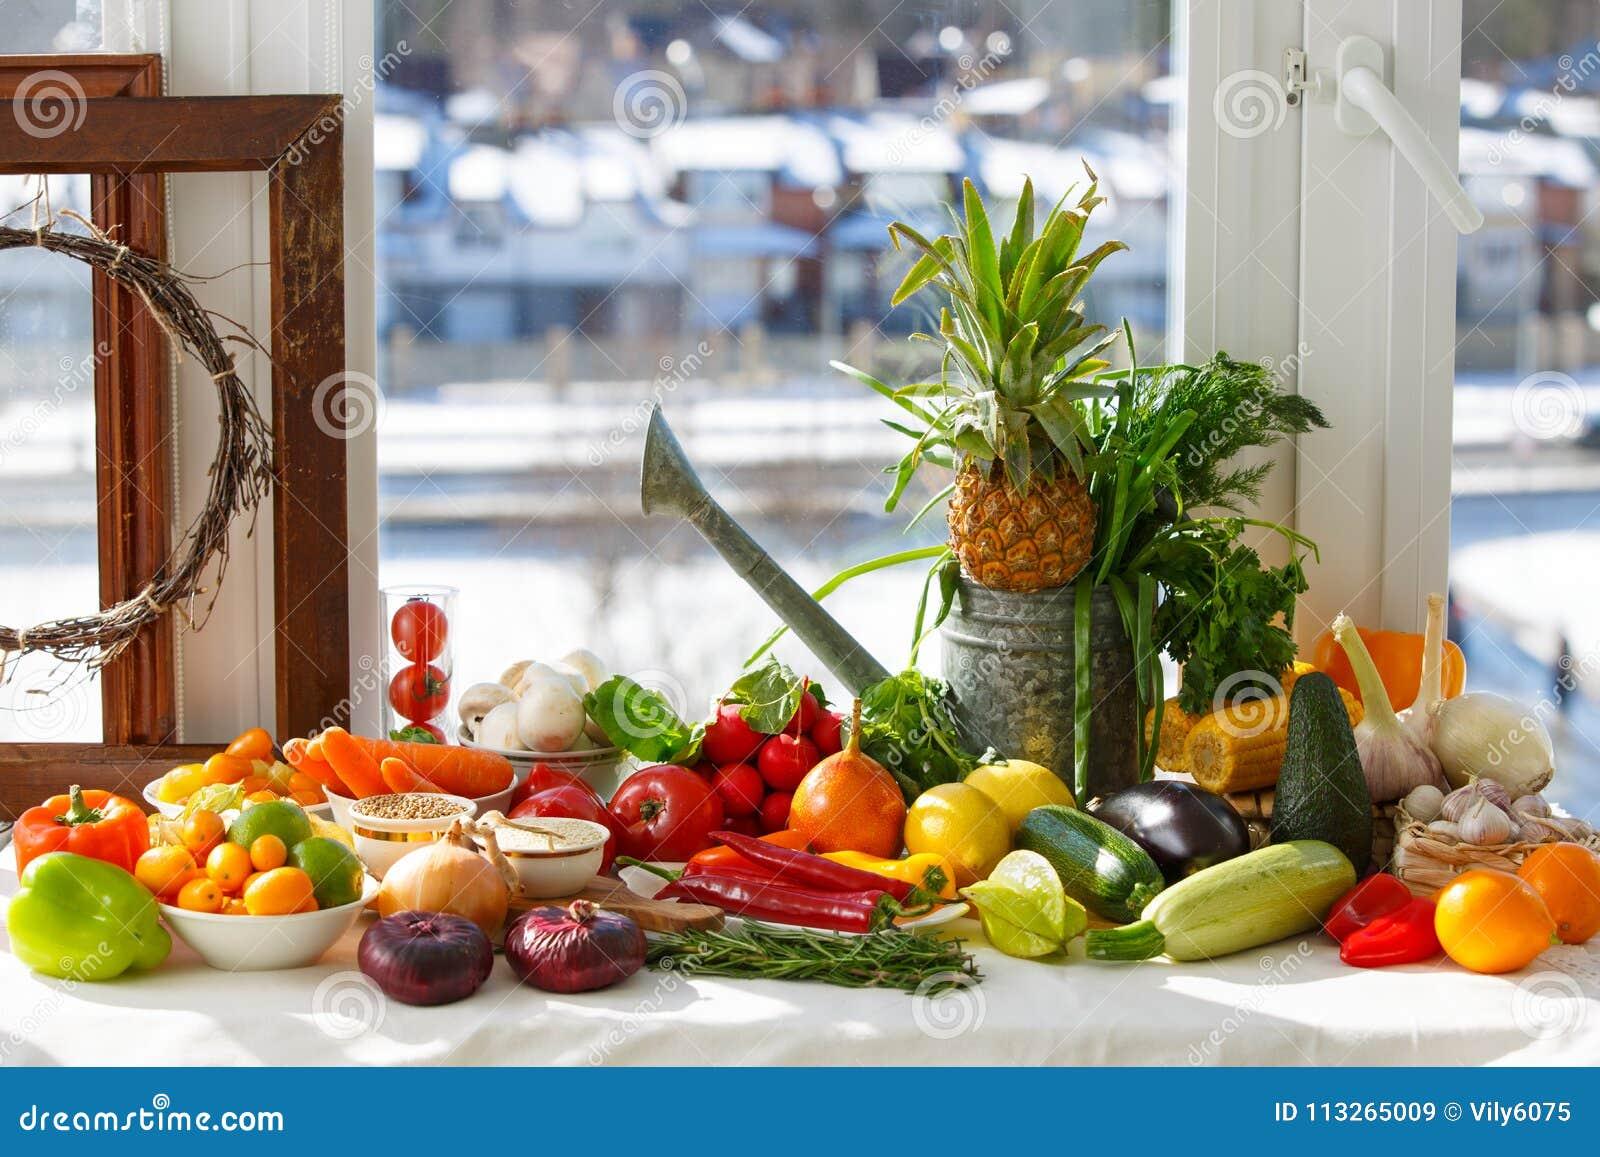 Натюрморт от тропических foruts, овощей и различных объектов